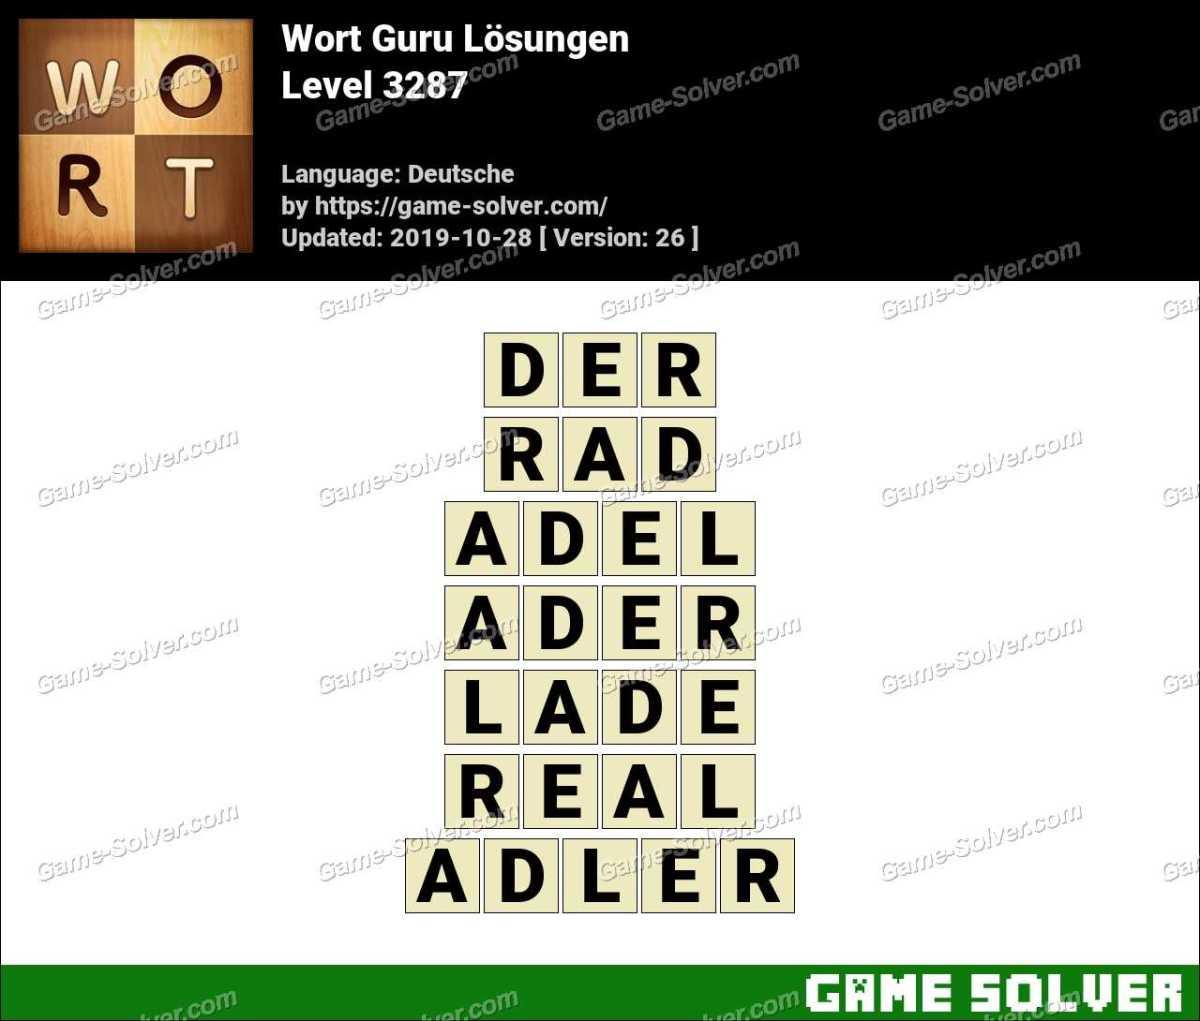 Wort Guru Level 3287 Lösungen